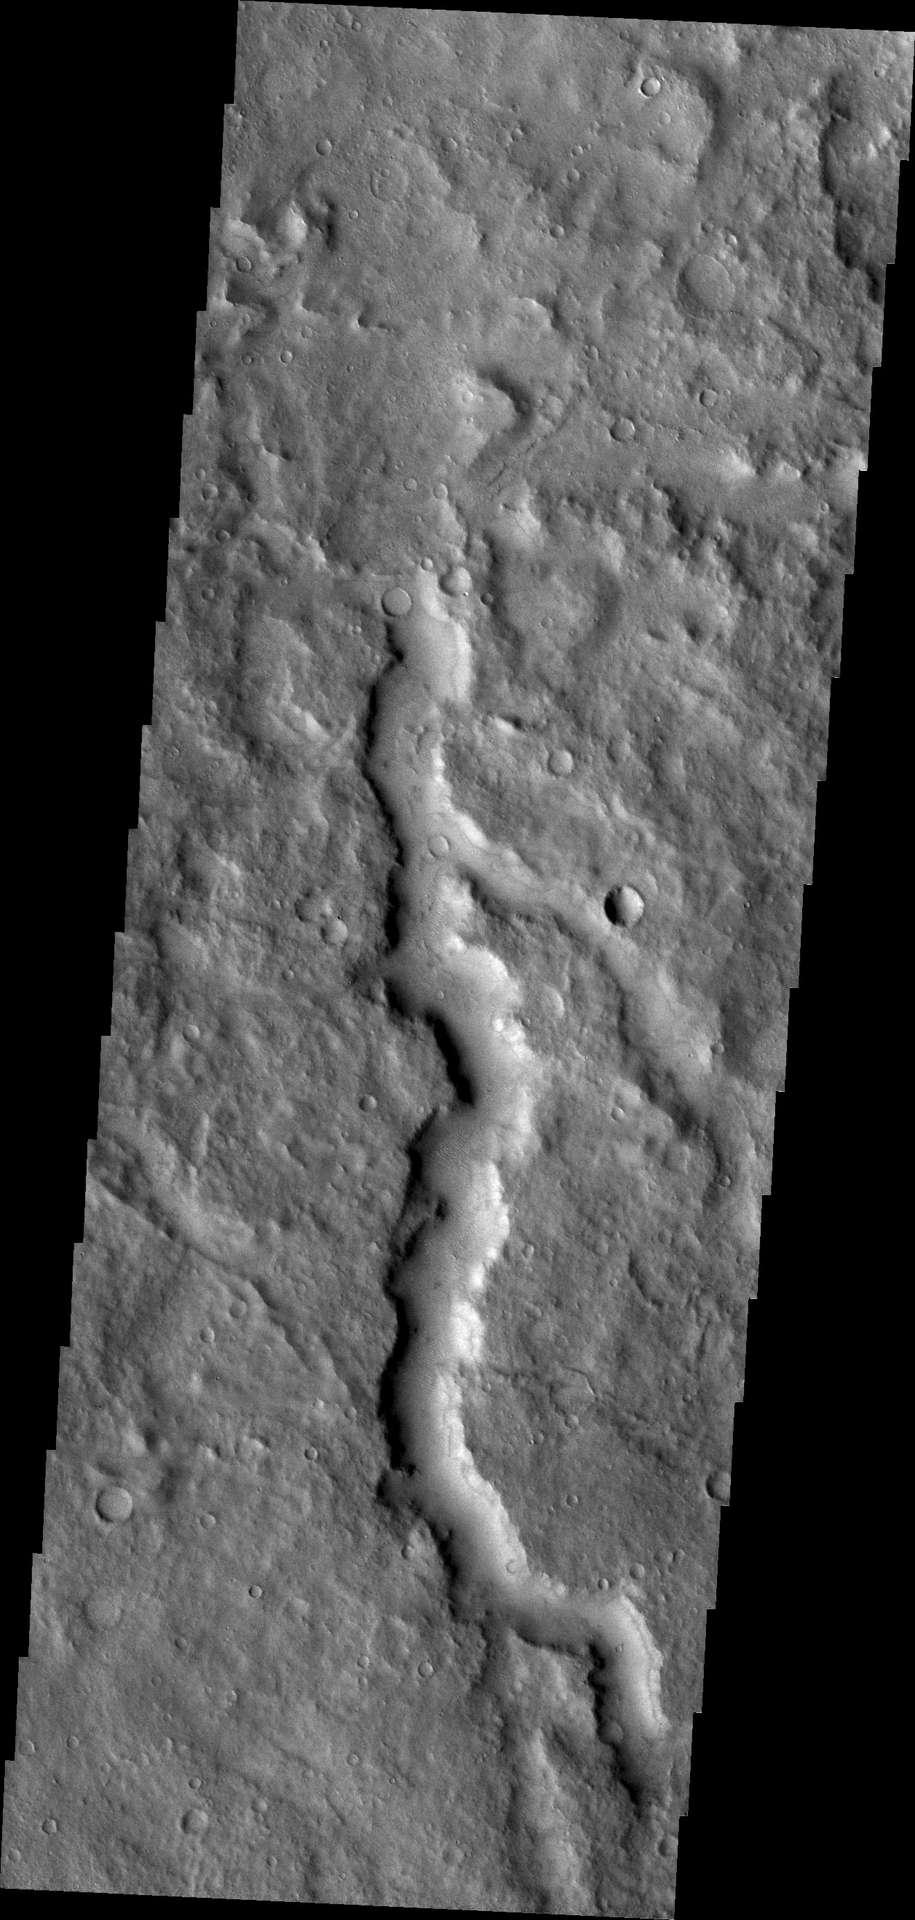 Pour David Leverington, les canaux qui caractérisent la surface de Mars ont été formés non pas par des eaux en écoulement mais des coulées de lave se déplaçant rapidement, d'un type que nous ne voyons pas sur Terre. © Nasa/JPL/ASU